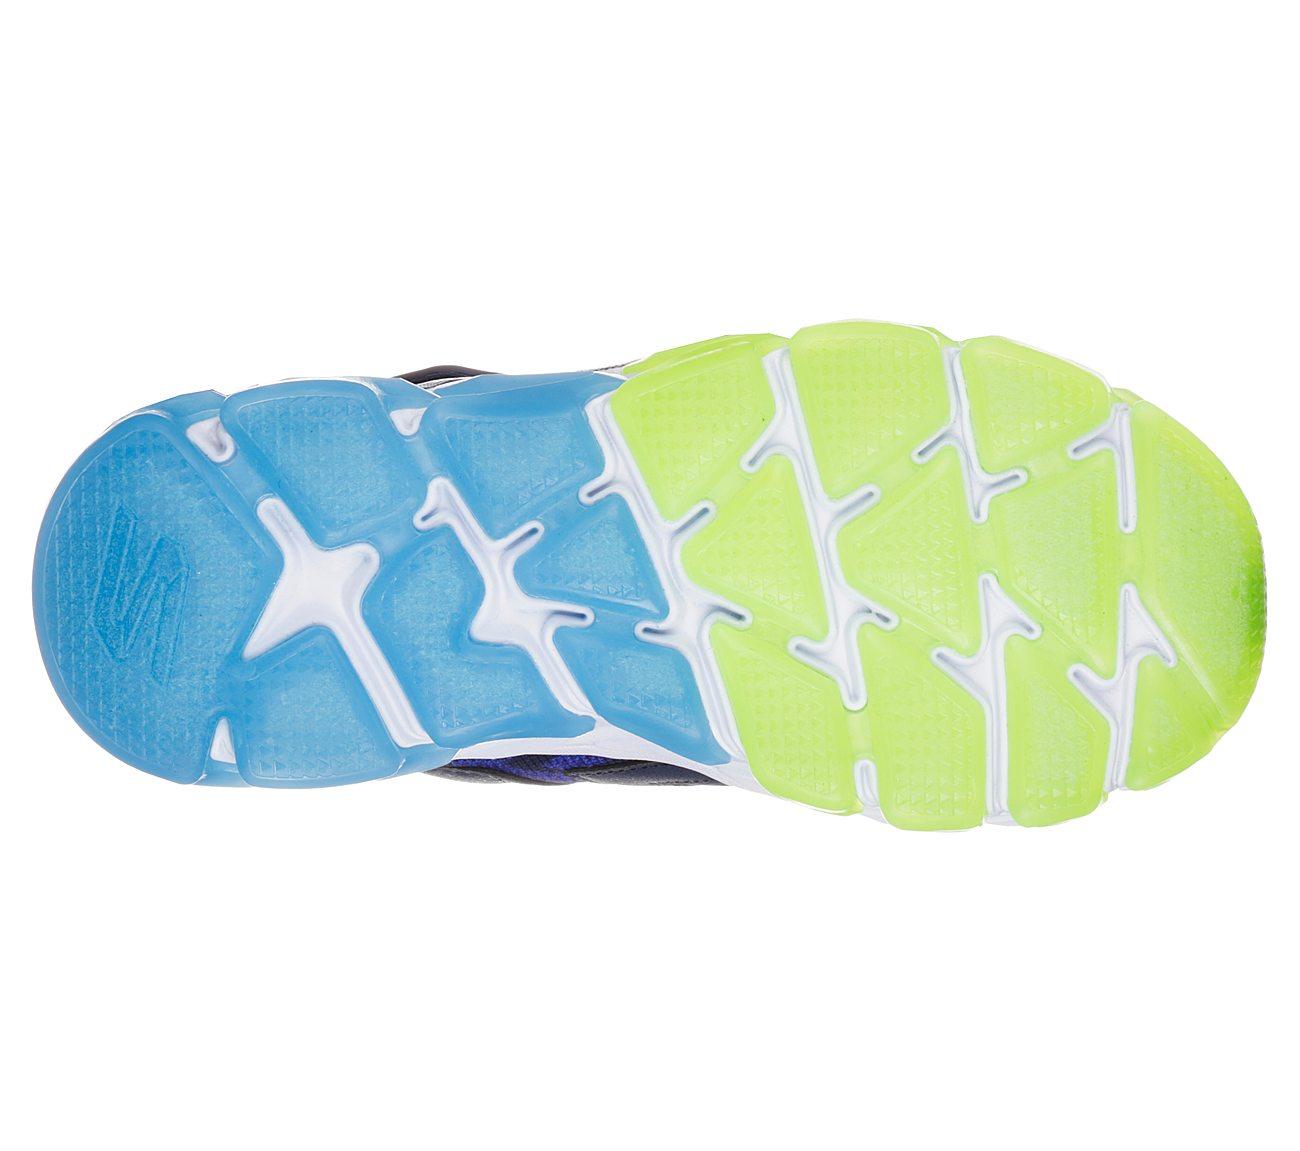 Skechers Kids Skech-air 4-Parsek Sneaker